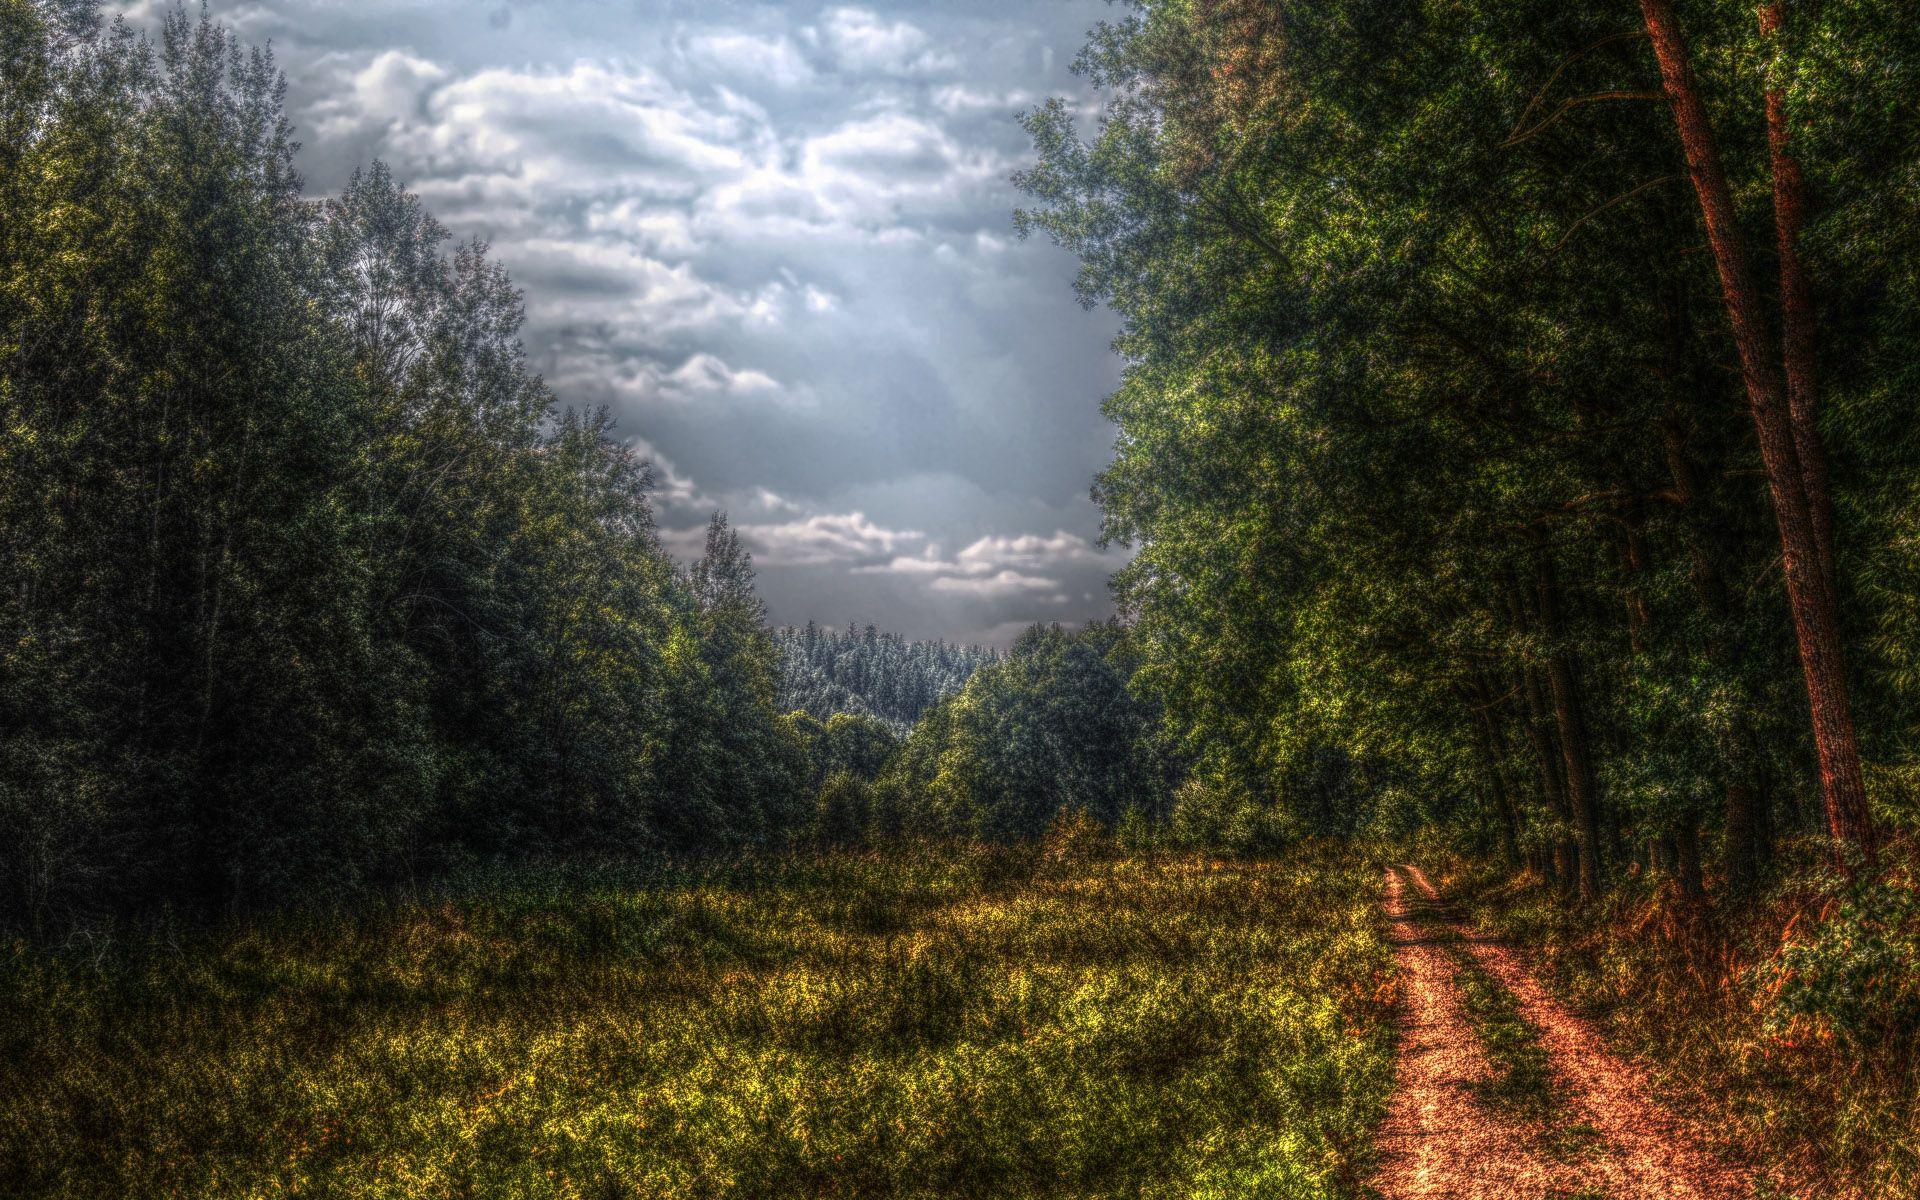 107966 скачать обои Поляна, Природа, Дорога, Лес, Цвета, Пасмурно, Мрачные, Тучи, Проселочная - заставки и картинки бесплатно